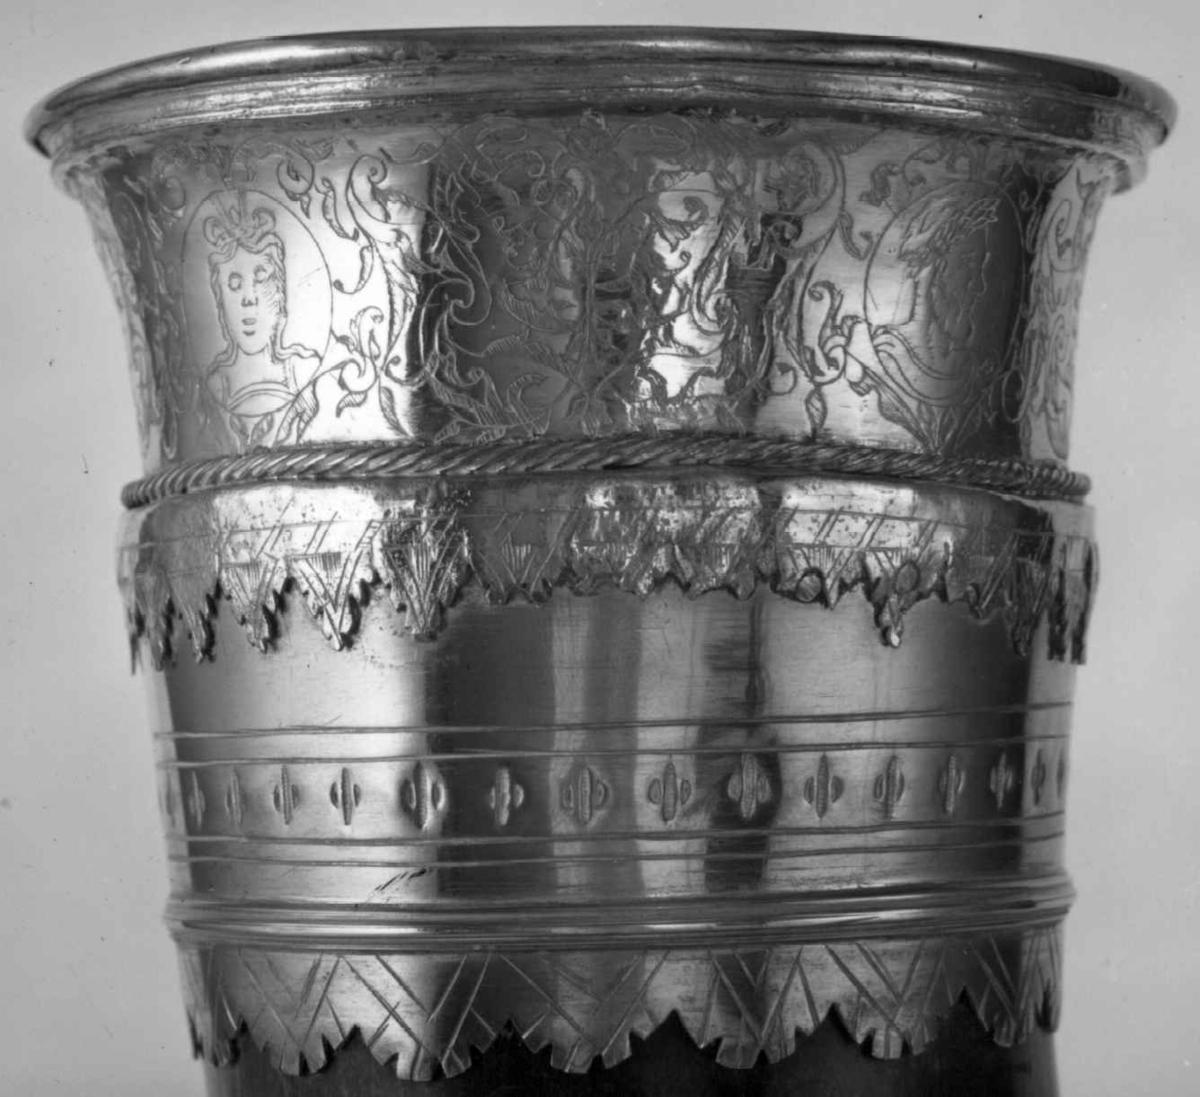 Drikkehorn med graverte beslag i kobberlegering og forgylt sølv i munningen.